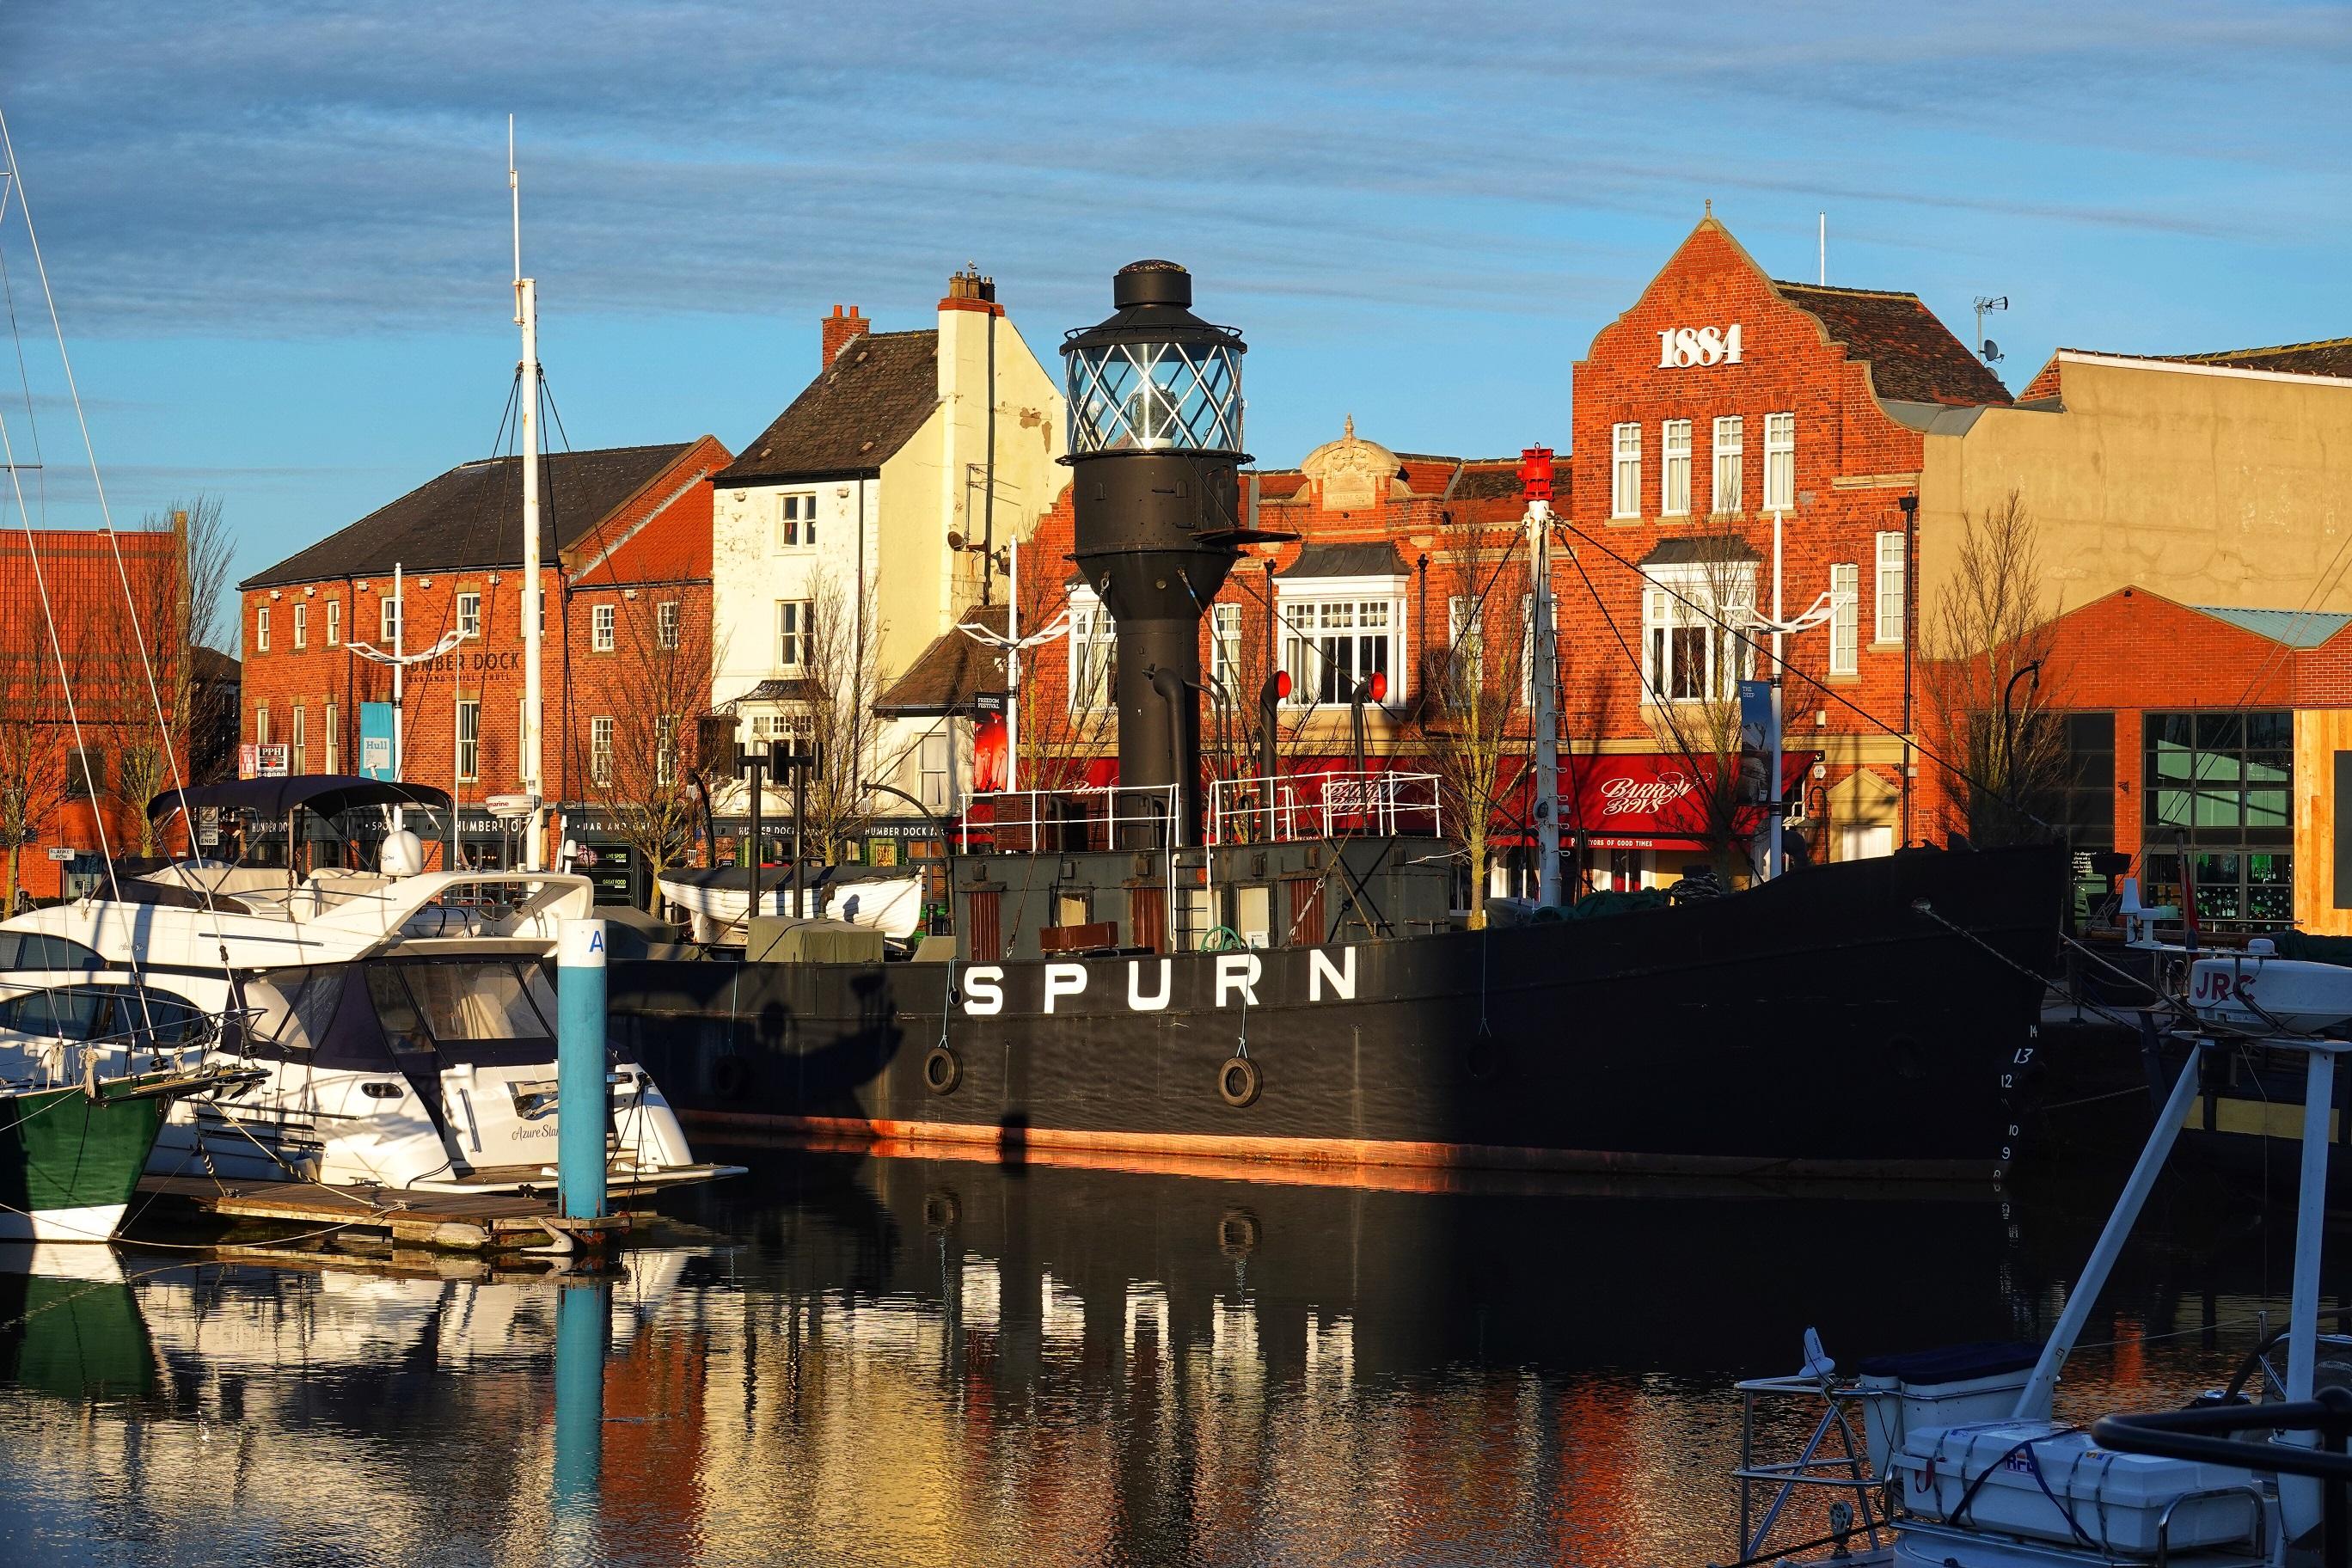 The Spurn Lightship.